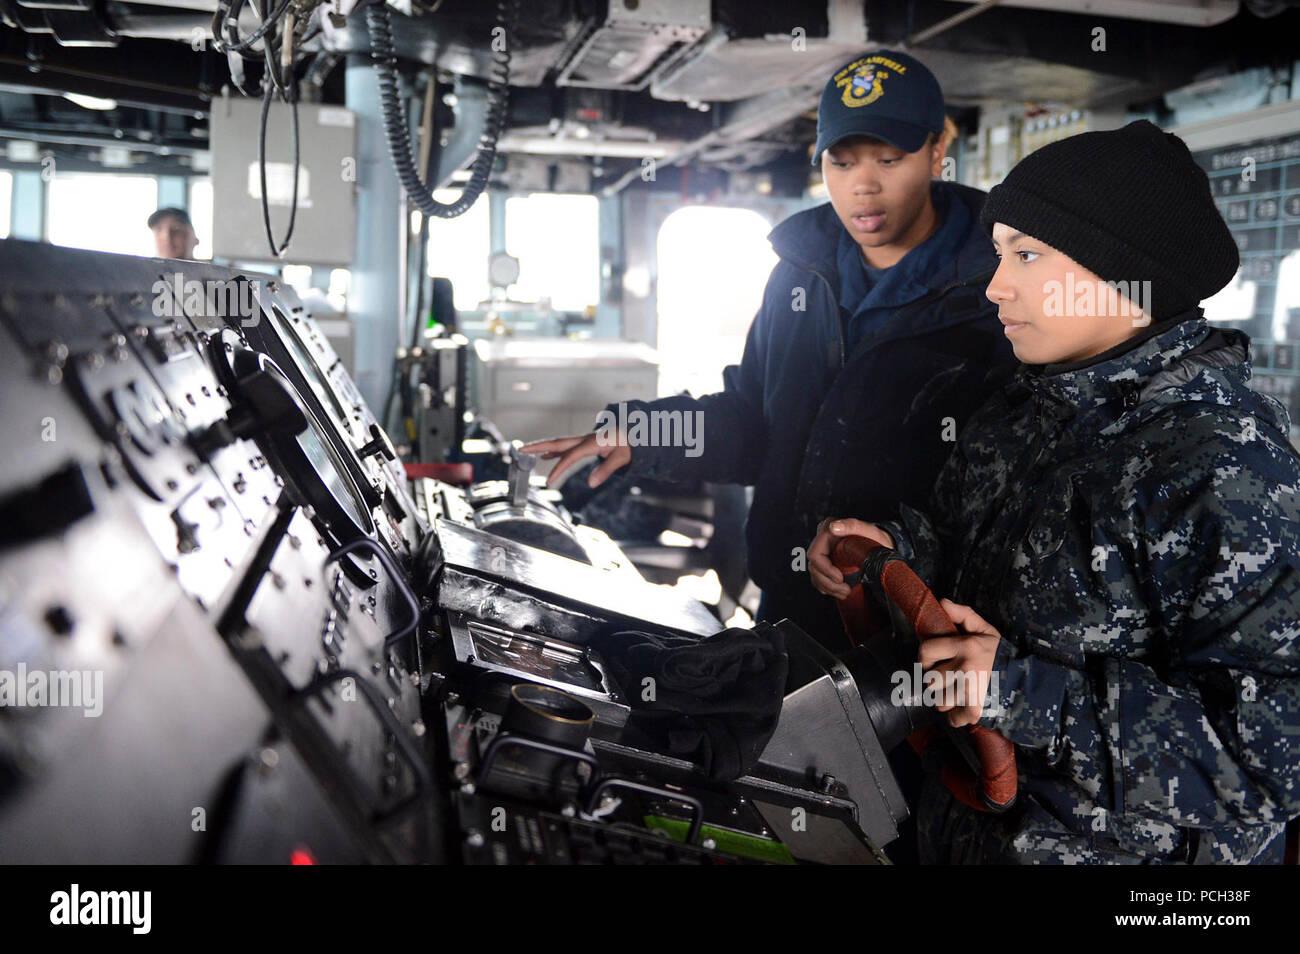 Las aguas al oeste de la península de Corea (18 de marzo de 2013) Boatswain's Mate de 3ª clase Brittany Chiles trenes Seaman Jessica Canas mientras le mans el timón a bordo de la clase Arleigh Burke de misiles guiados destructor USS McCampbell (DDG 85). McCampbell es parte de Destroyer Squadron 15, desplegadas a Yokosuka, Japón, y se están llevando a cabo para realizar el ejercicio bilateral Foal Eagle 2013 nación aliada con la República de Corea en apoyo de la seguridad regional y la estabilidad de la región del Pacífico Indo-Asia. Foto de stock